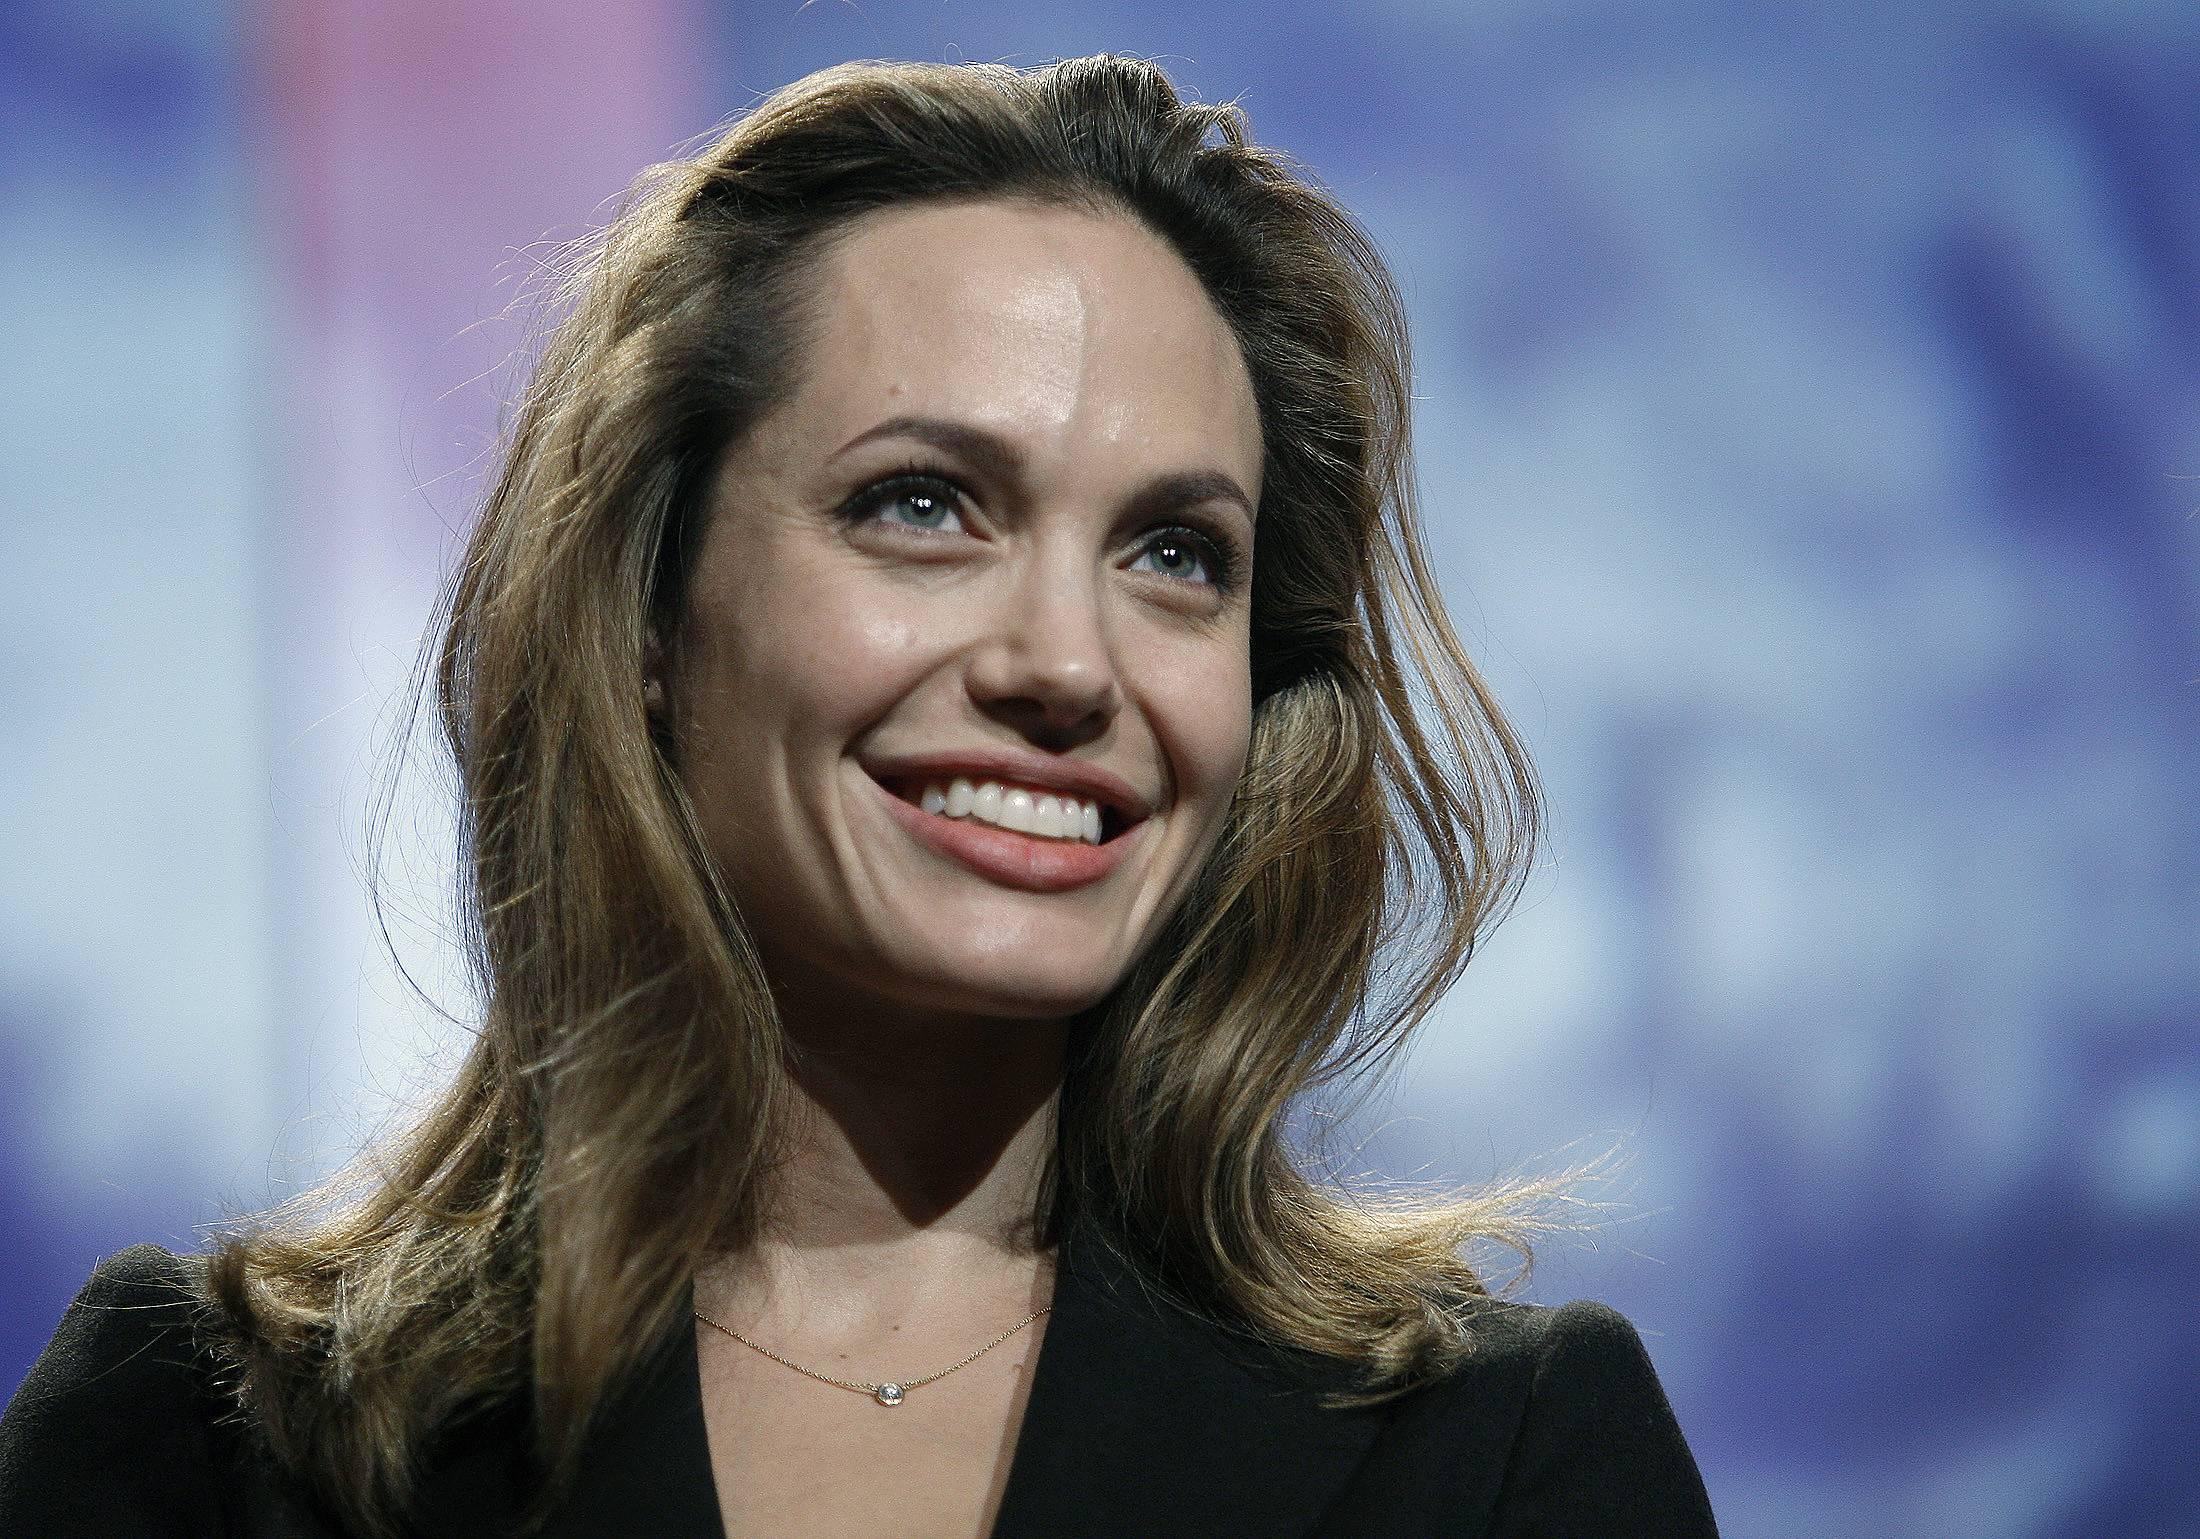 Анджелина Джоли Диета Лимонная. Орехи и каша, а еще немного жареных скорпионов: как и чем питается Анджелина Джоли